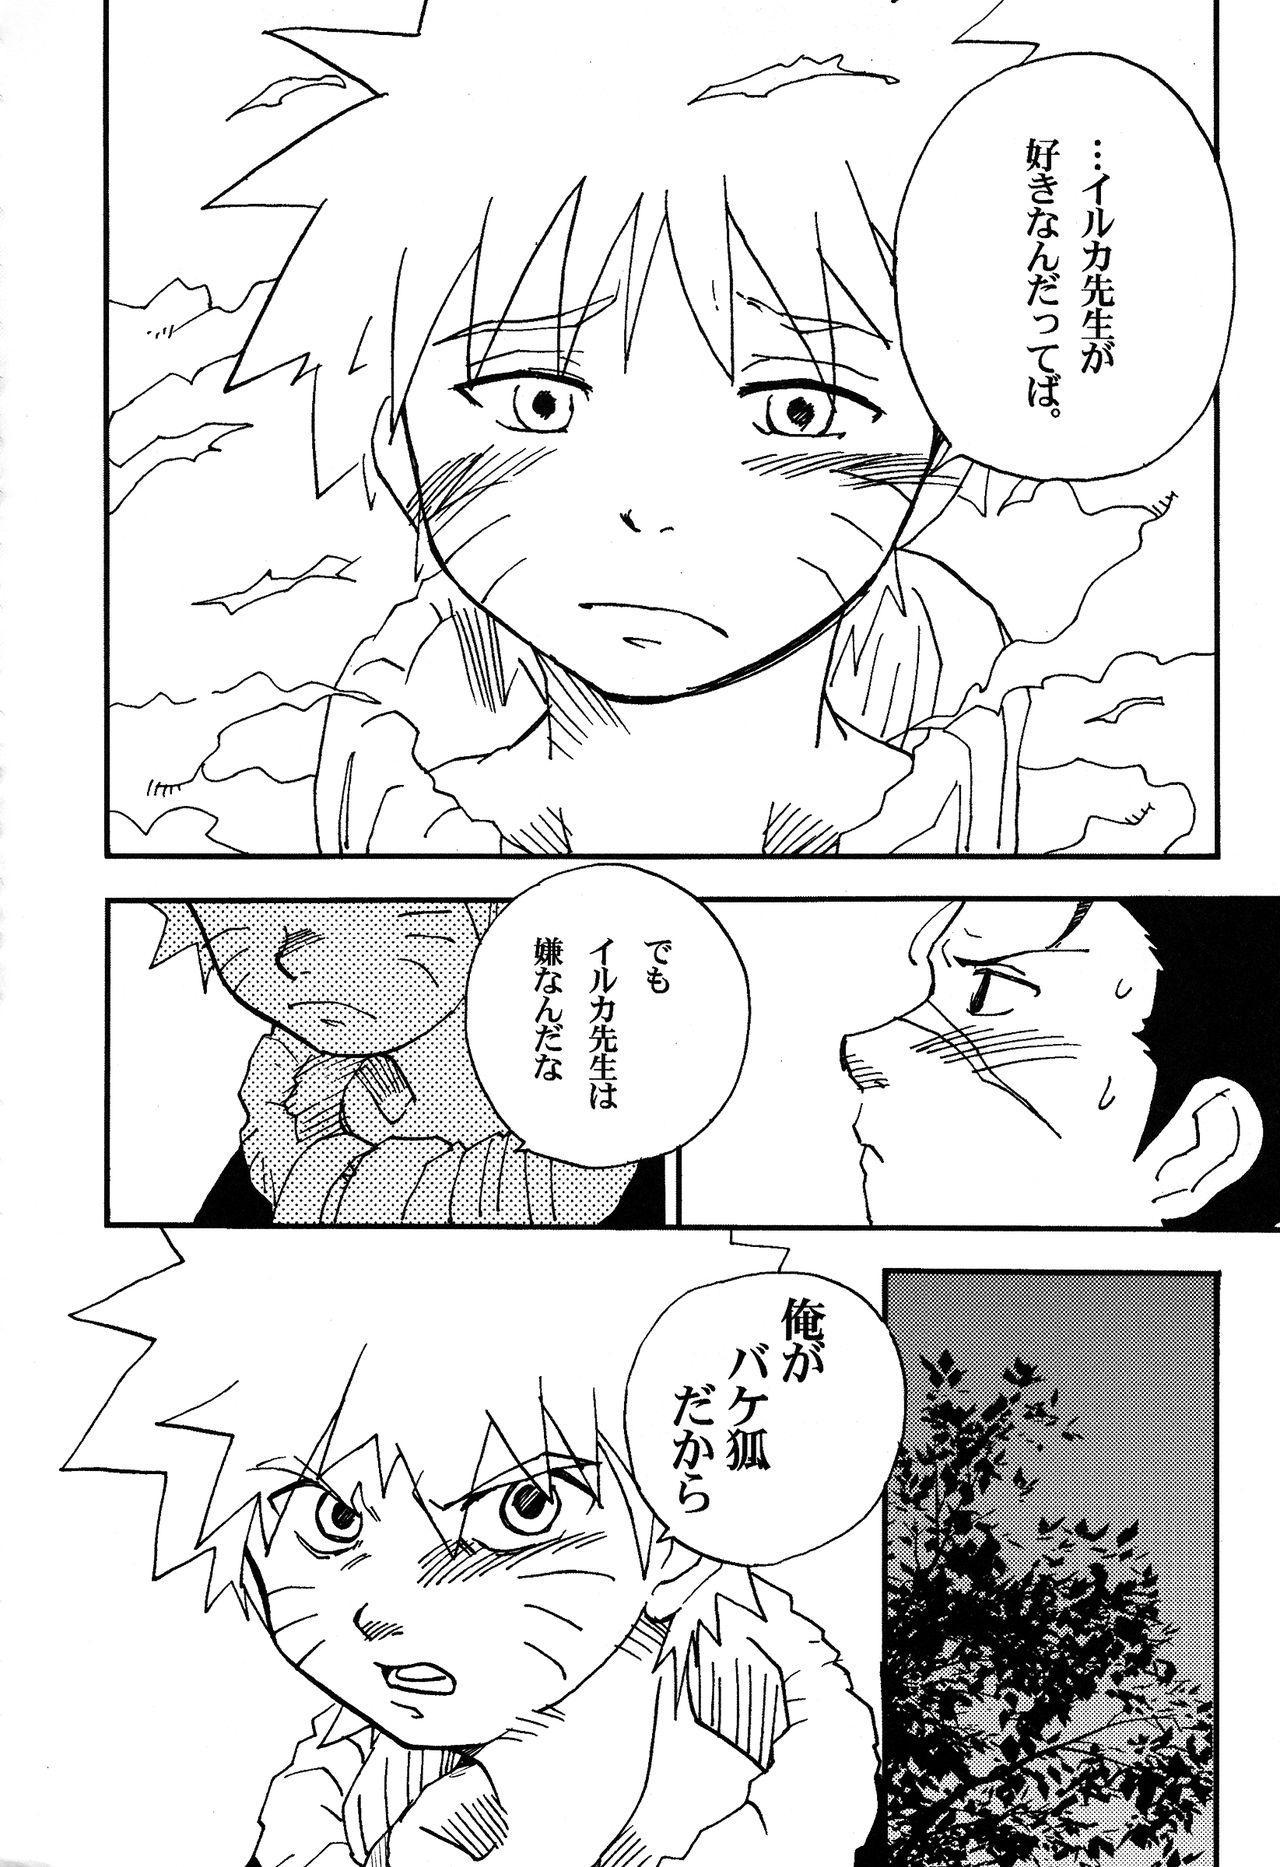 IruNaru no Wadachi 30